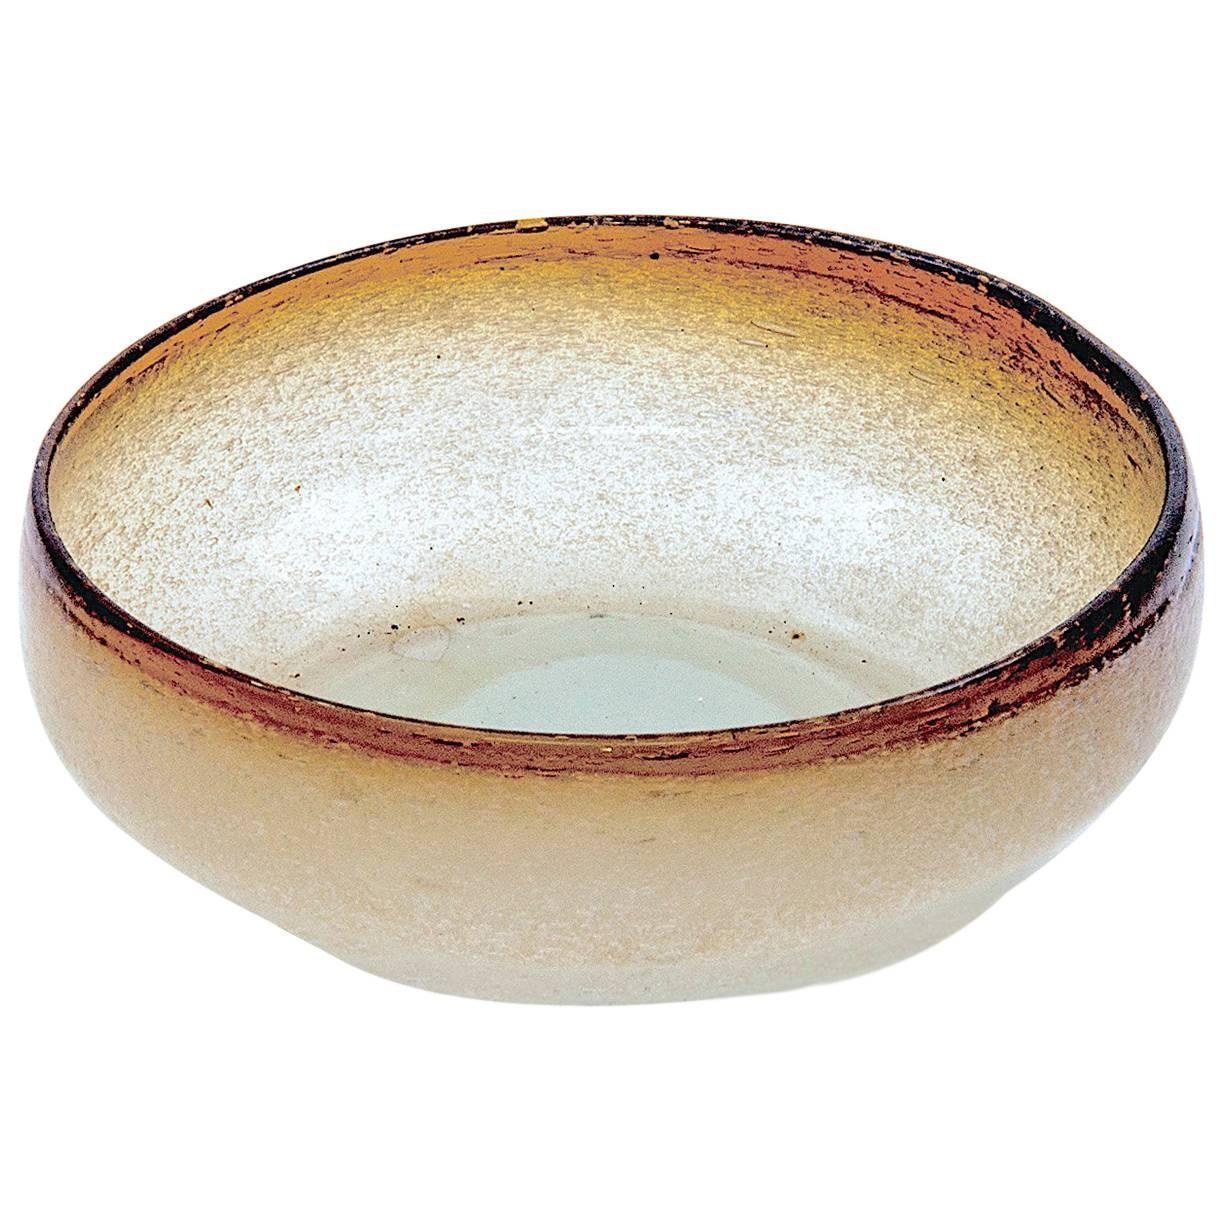 Murano Italian, 1950 Glass Bowl or Ashtray